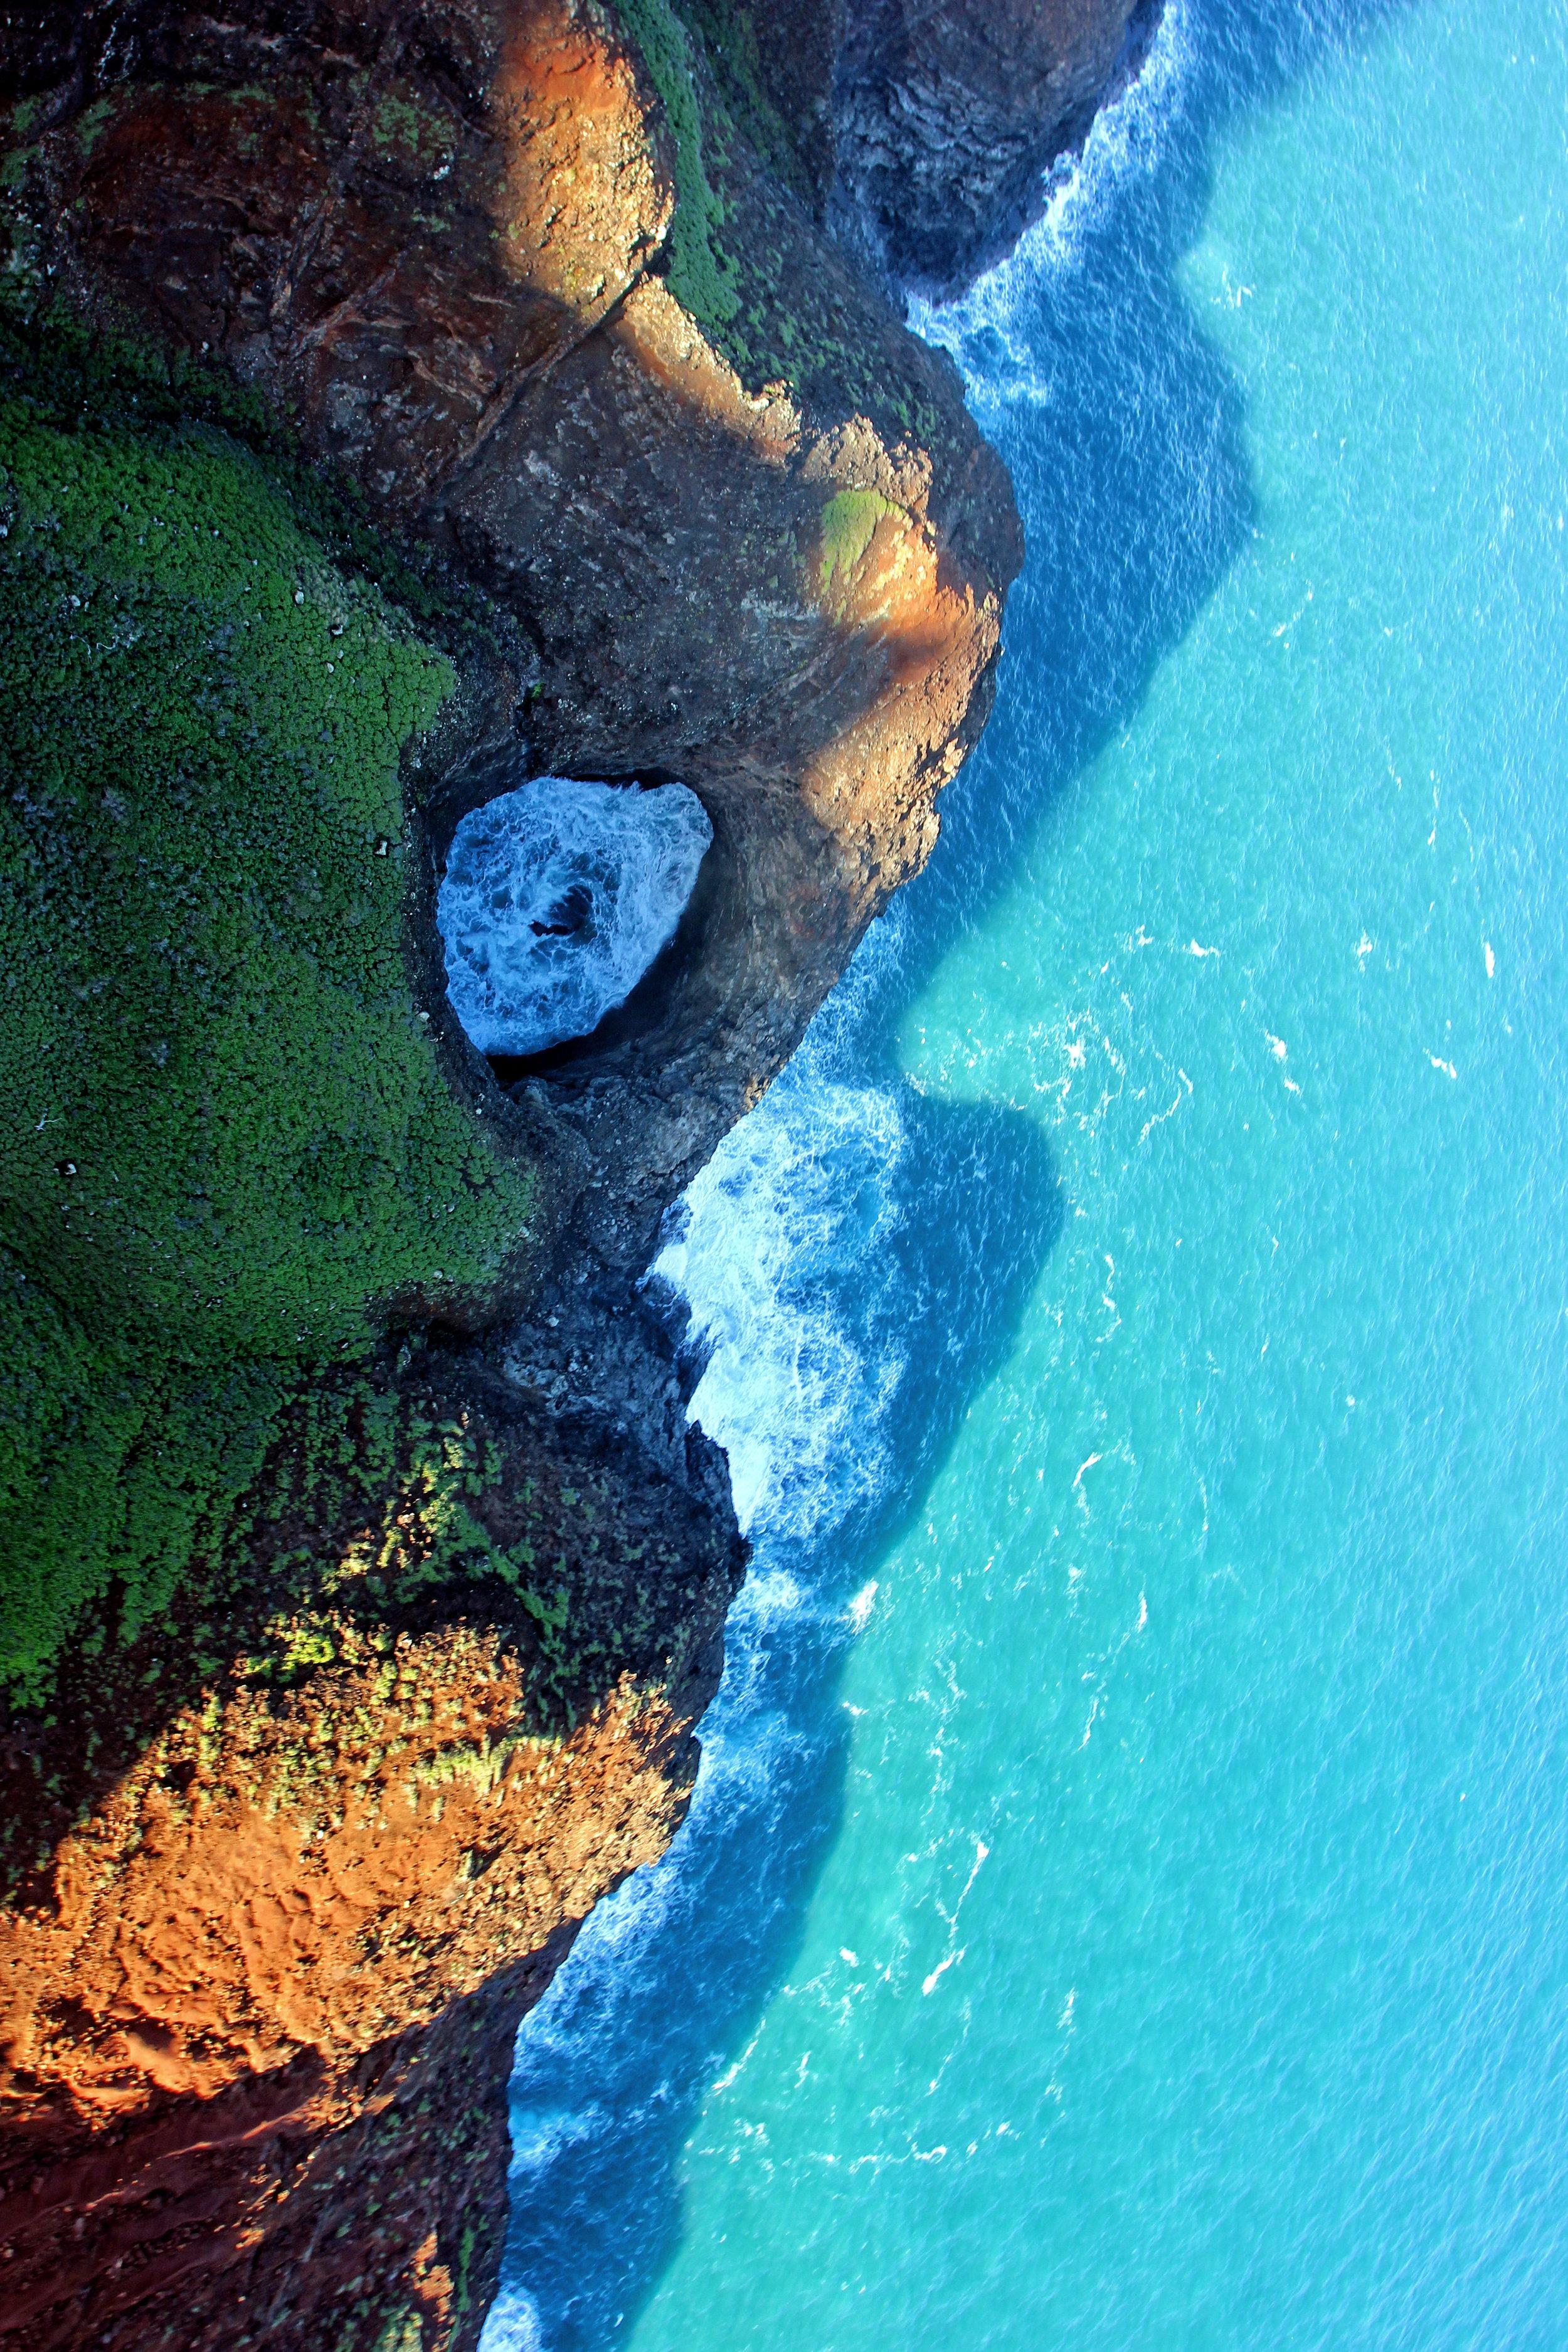 Na Pali Coast Sea Cave